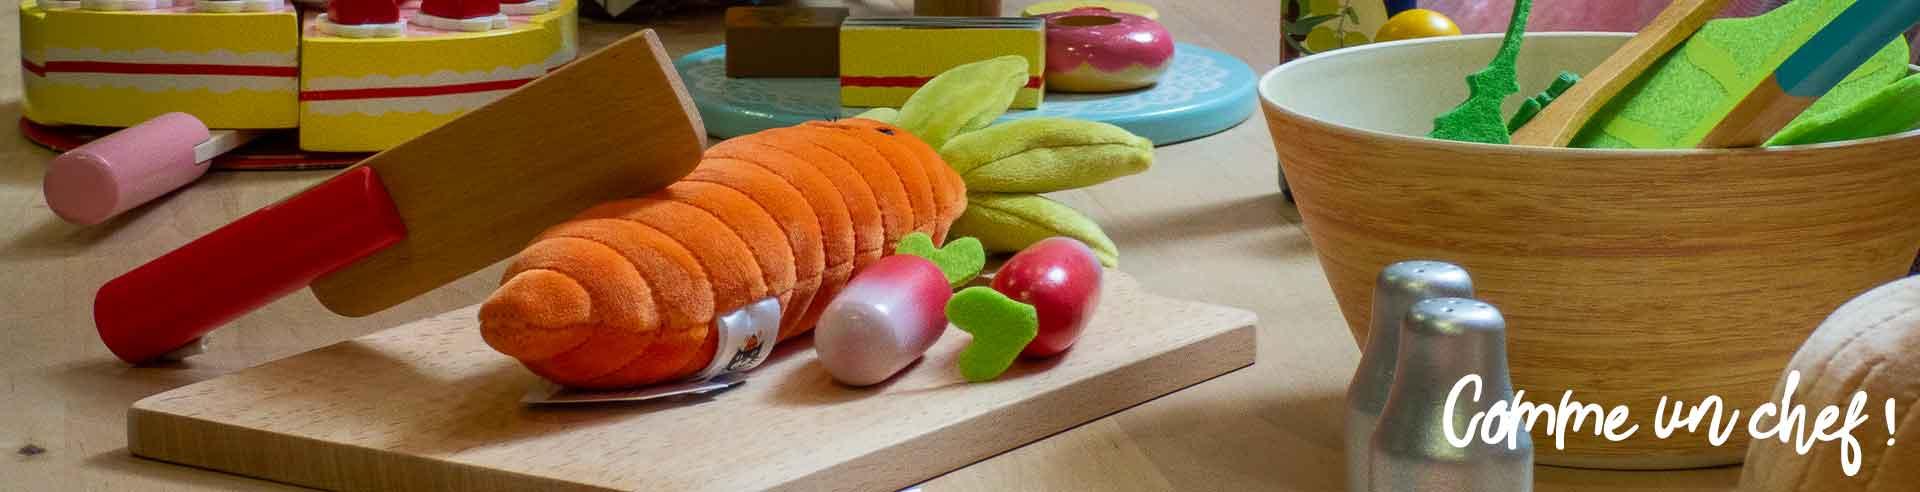 Cuisines & dinetttes pour les enfants